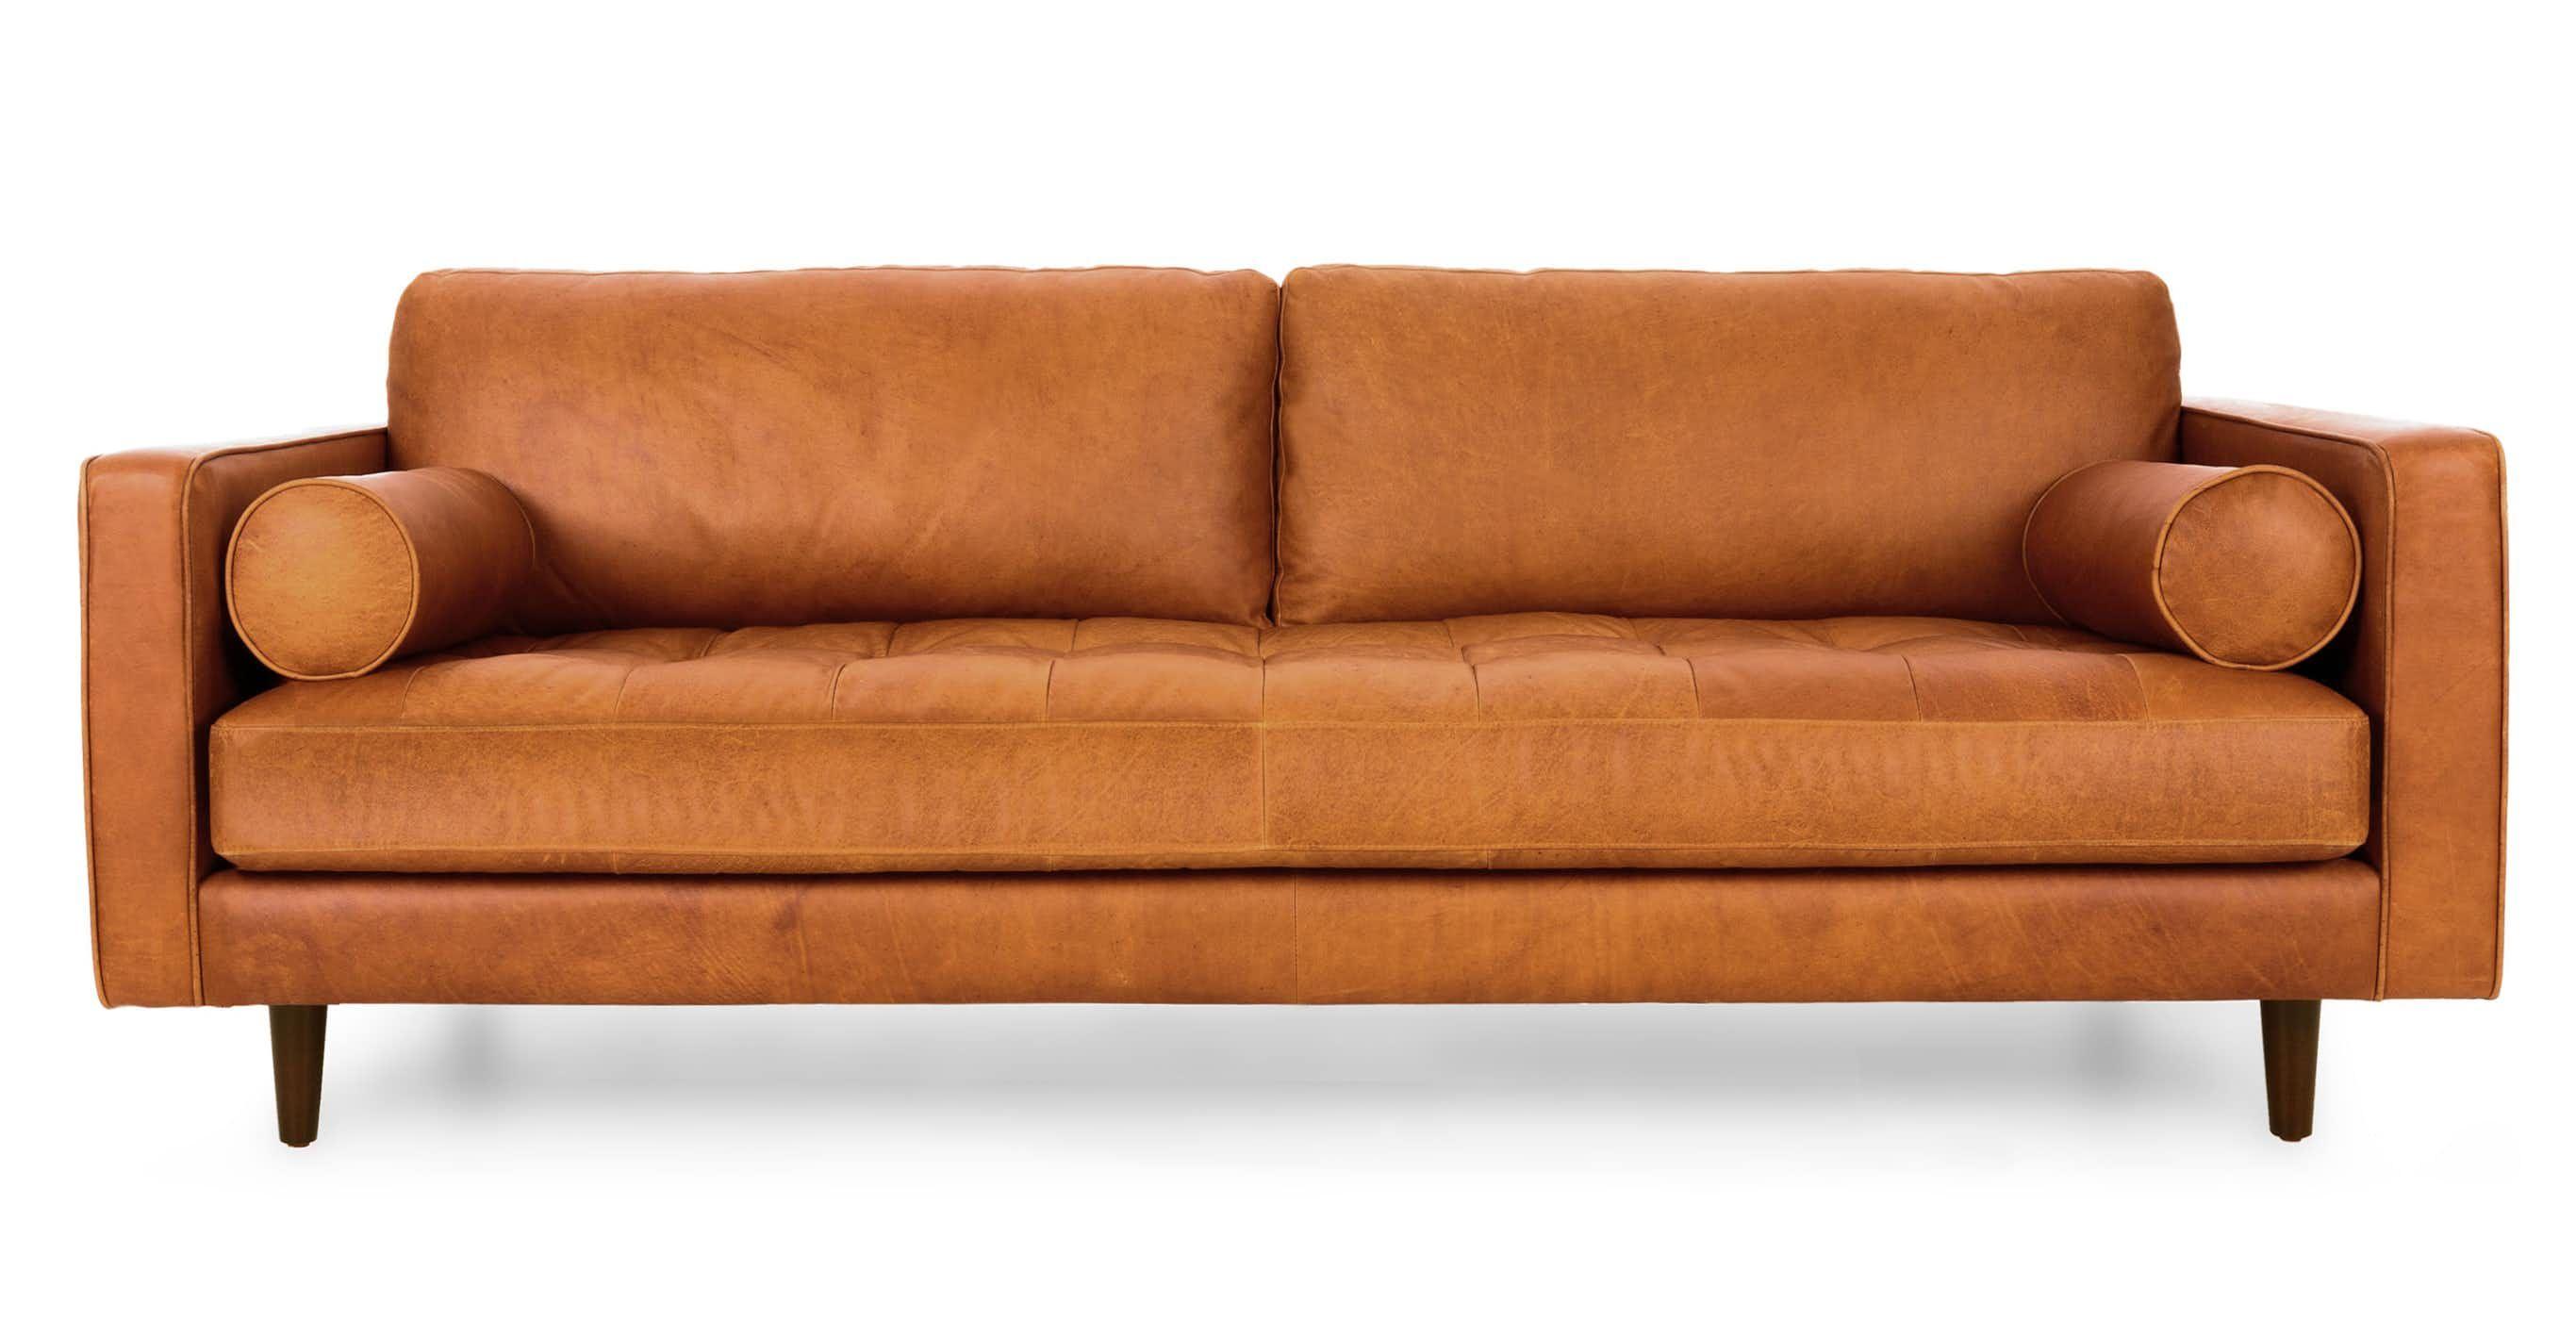 Sven Charme Tan Sofa Tan Sofa Modern Leather Sofa Tufted Leather Sofa